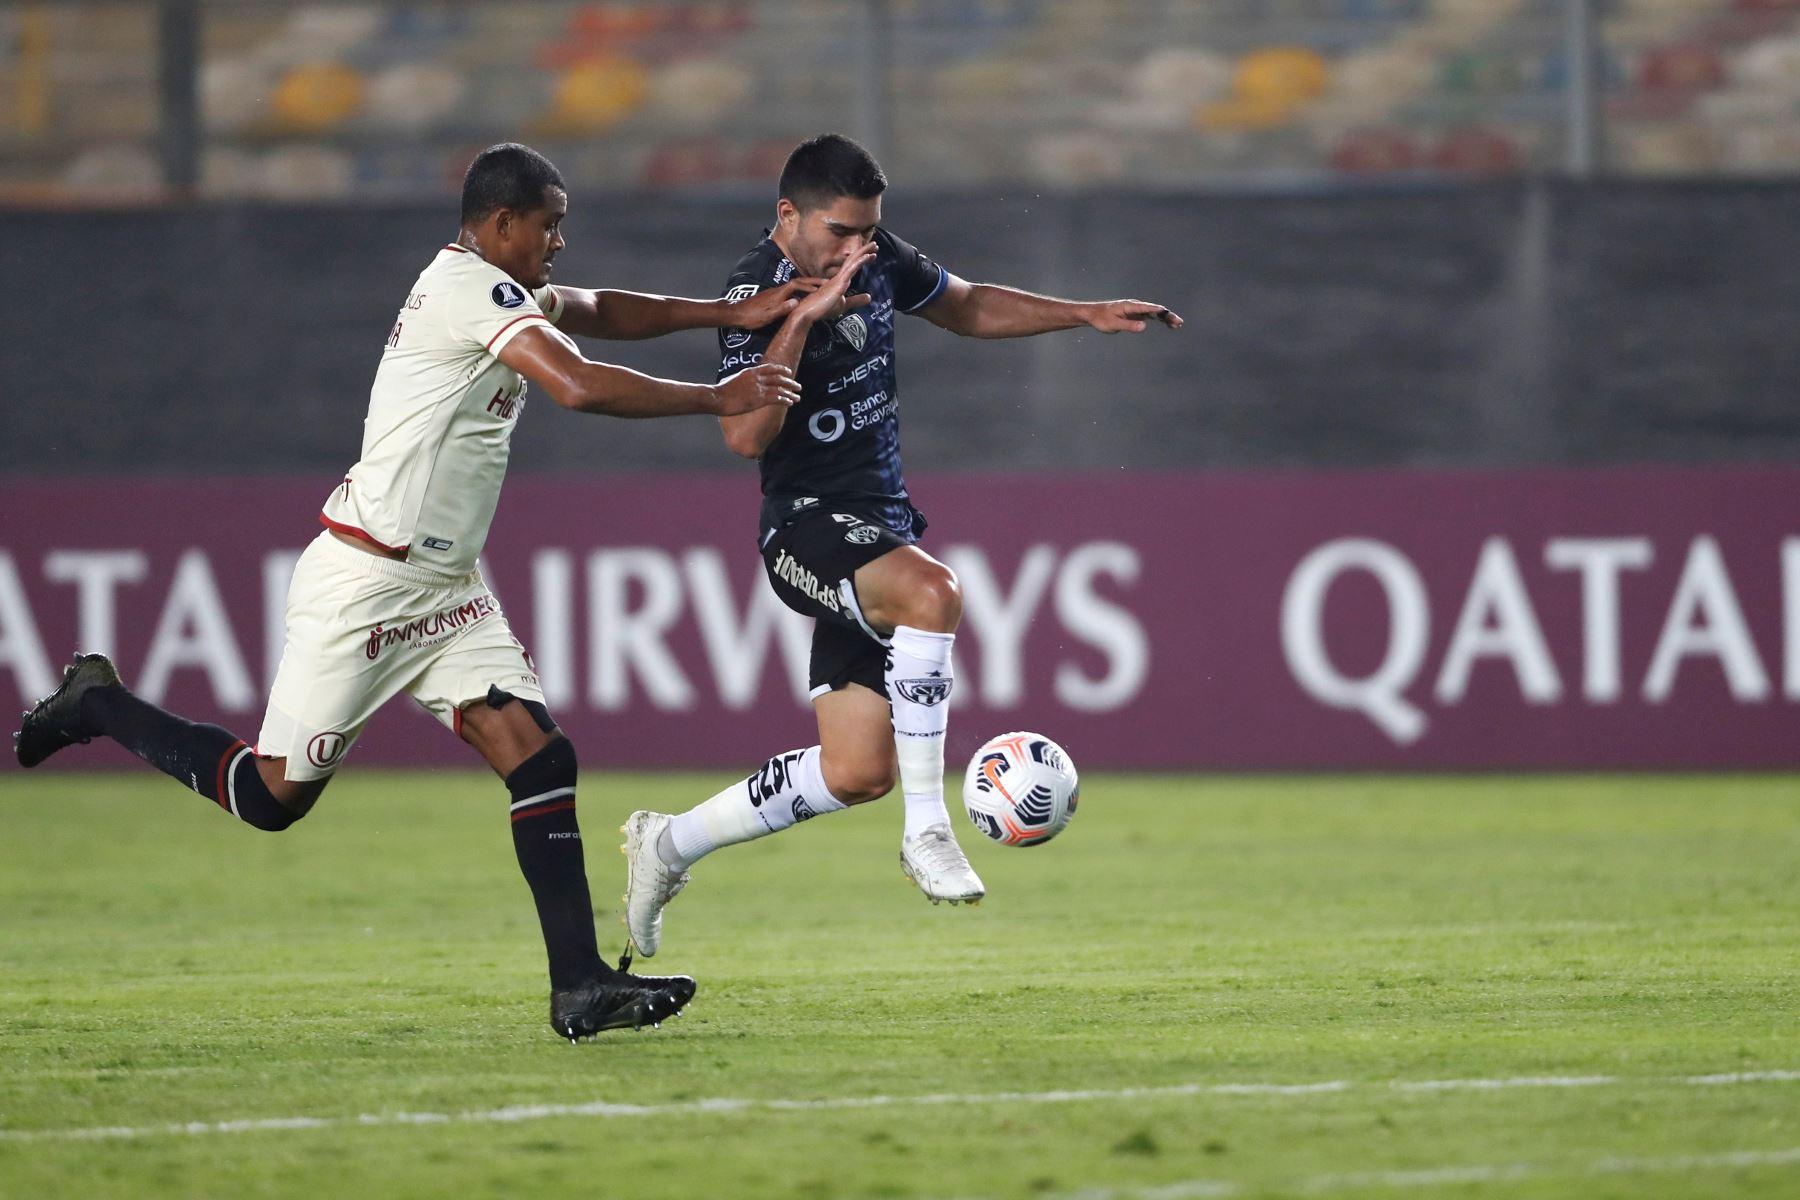 Nelinho Quina de Universitario disputa un balón con Brian Montenegro de Independiente del Valle durante partido por la Copa Libertadores, en el Estadio Monumental. Foto: EFE